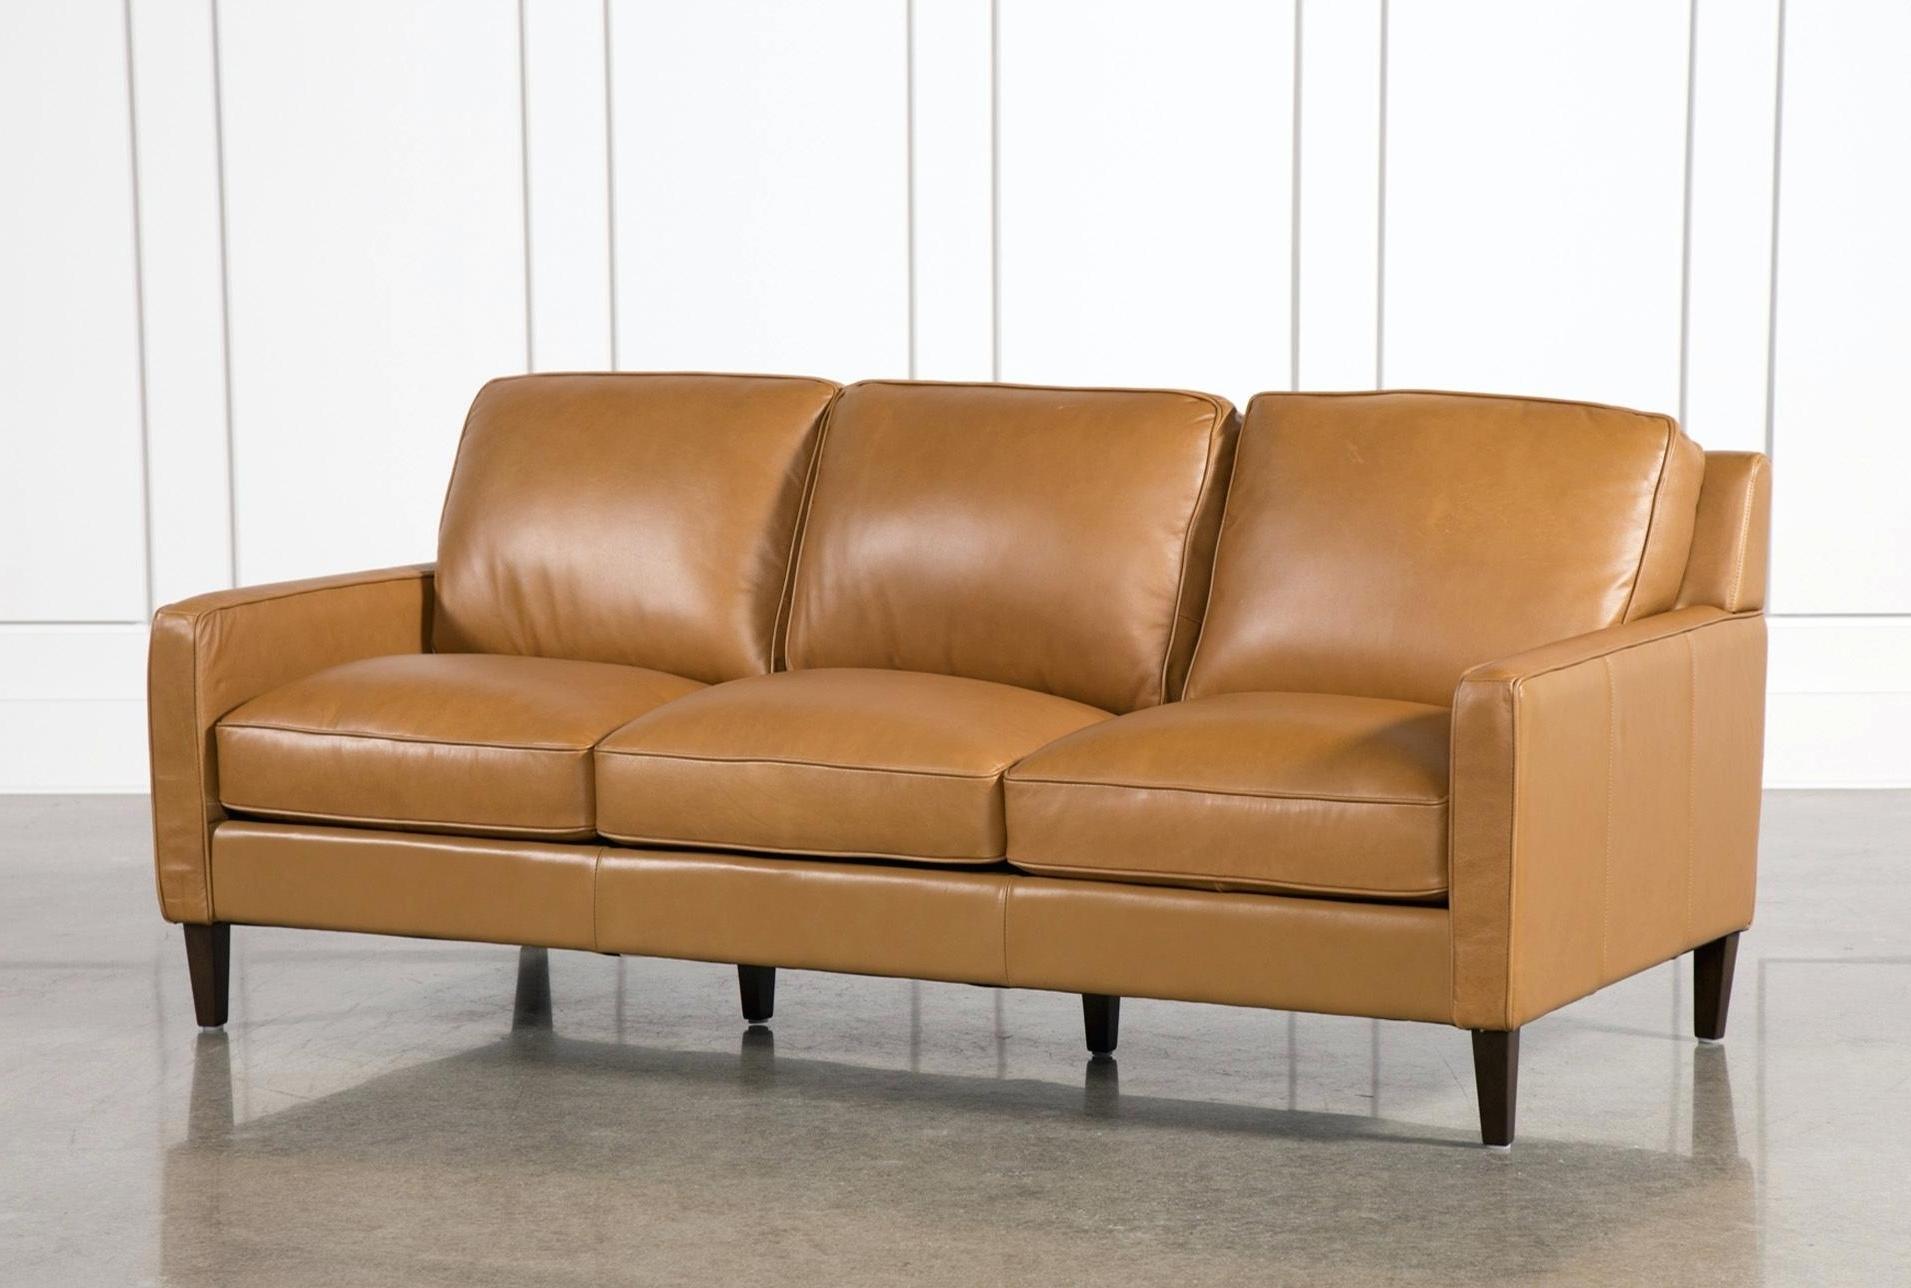 Leather Furniture Phoenix Sofas Az Used Sectional Sofa With Regard To 2018 Phoenix Sectional Sofas (View 14 of 15)